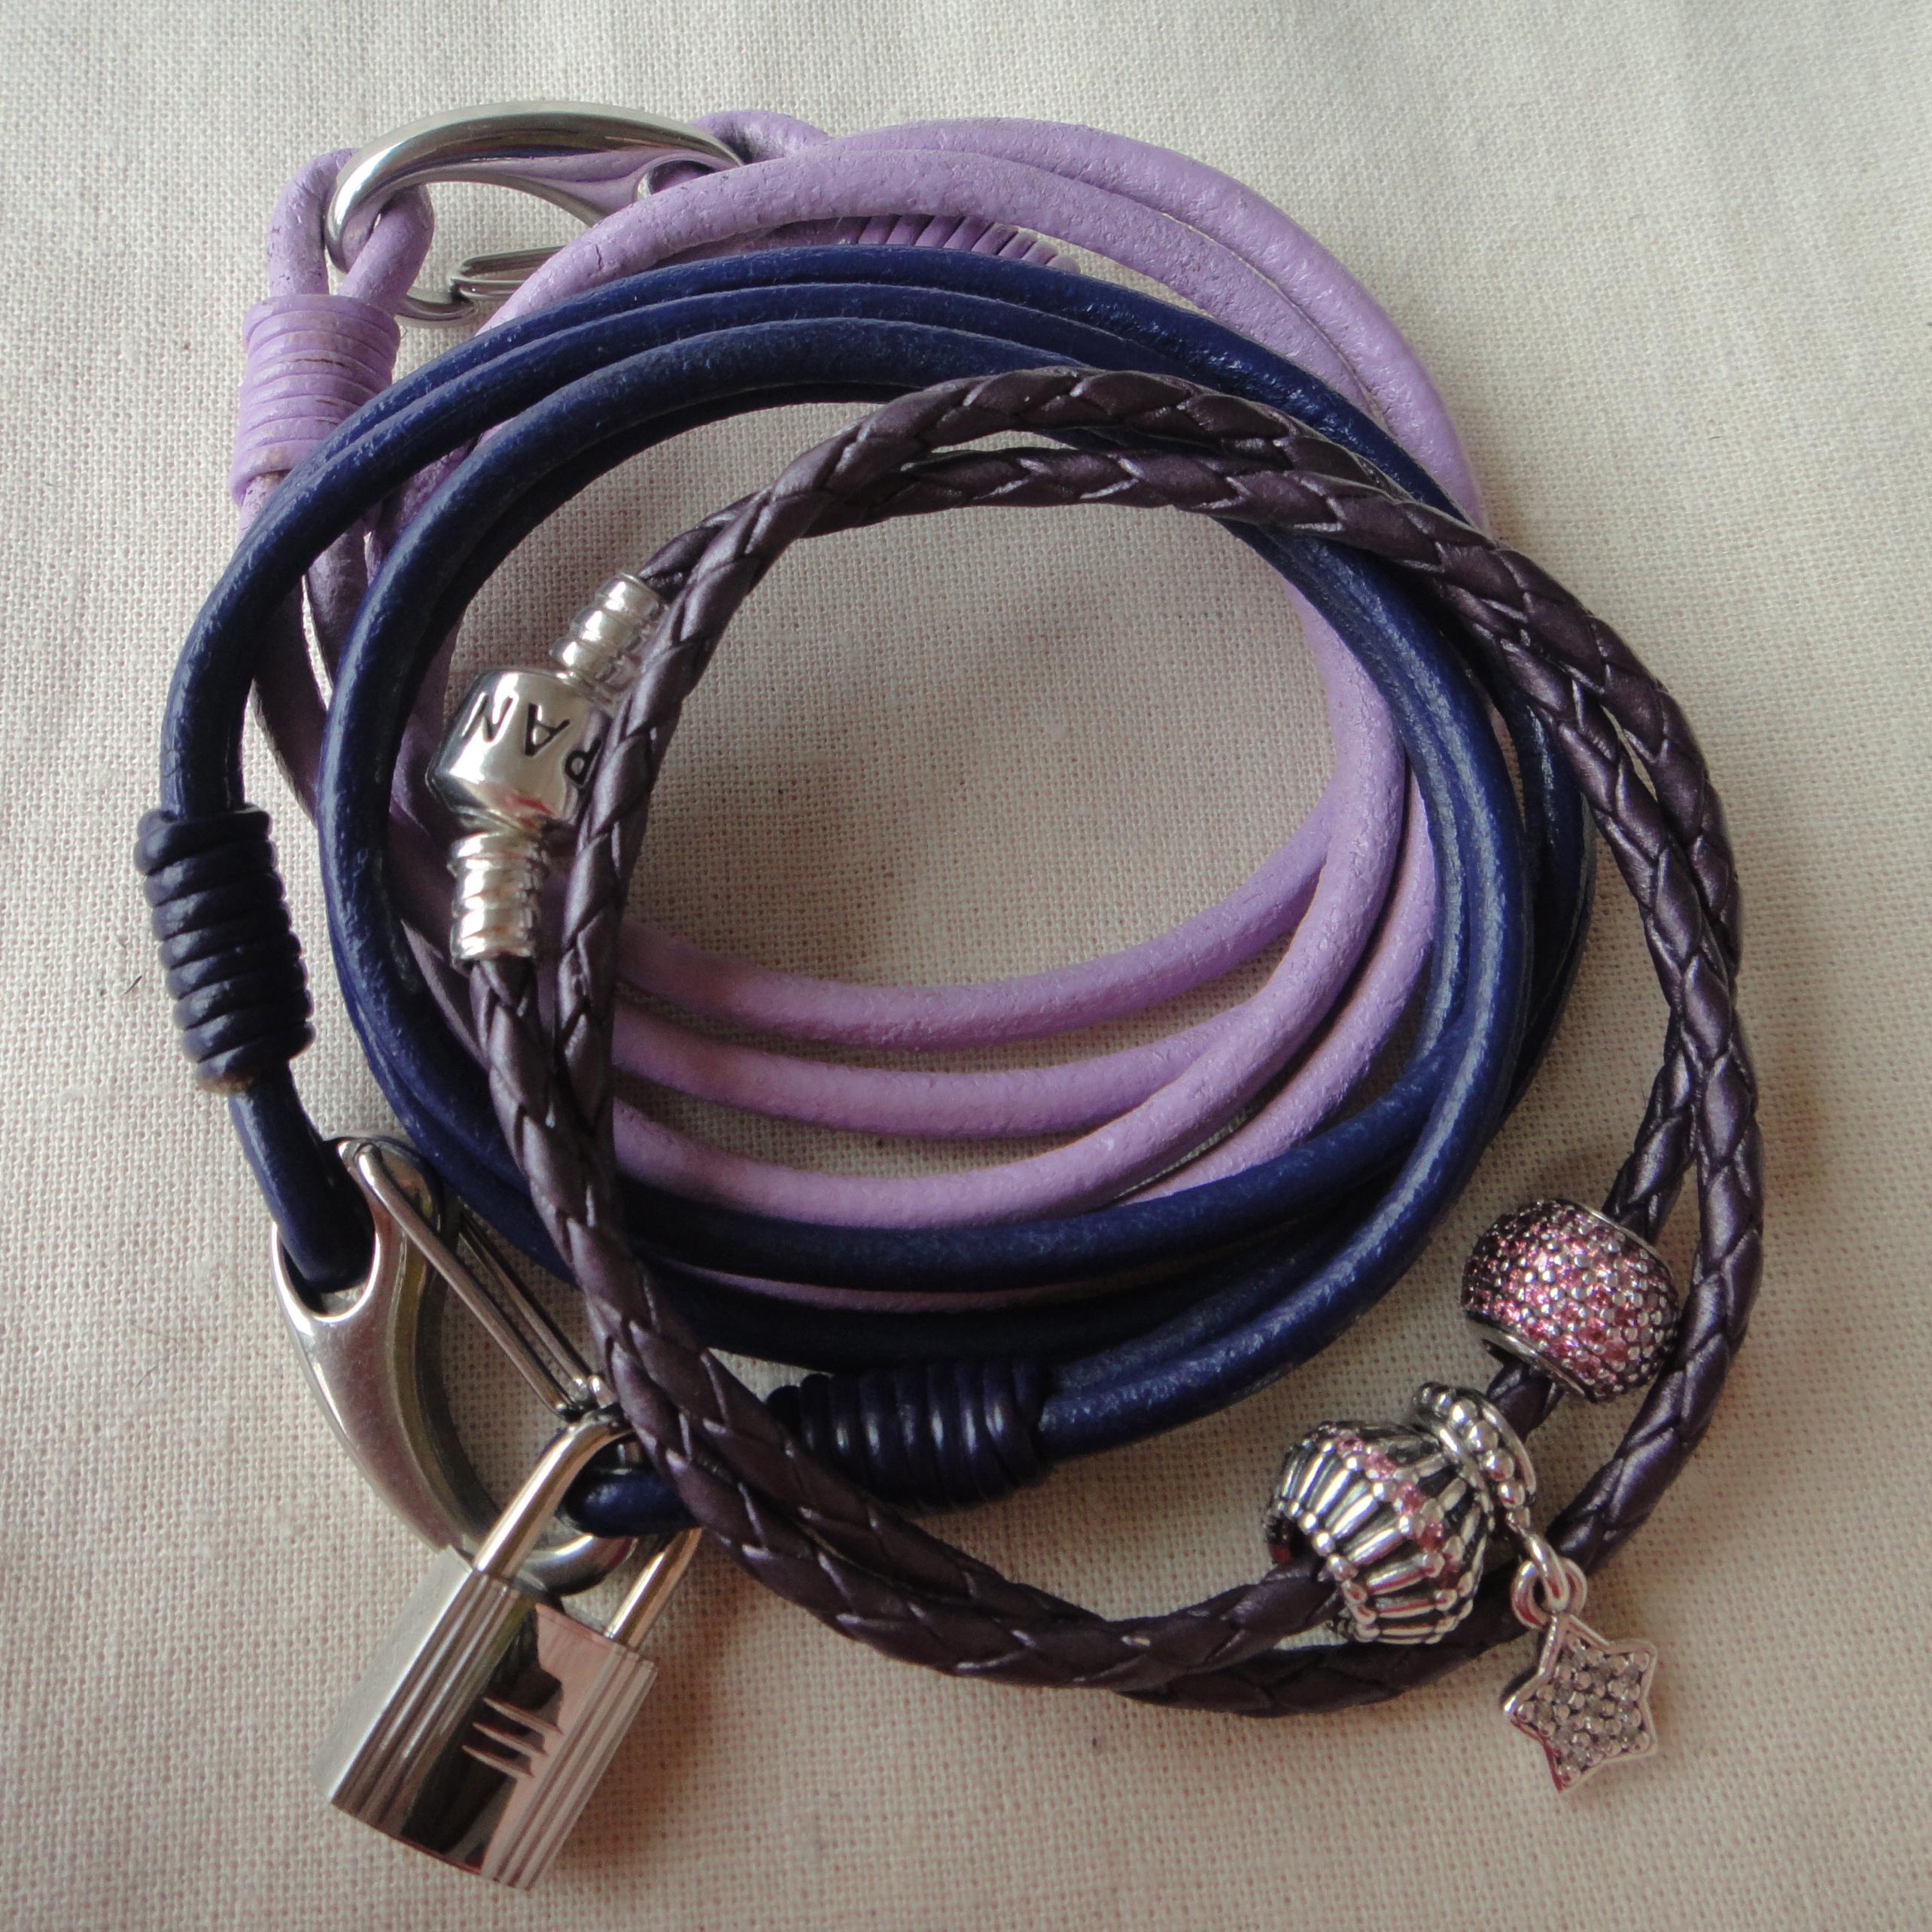 New One, Pandora, Hermès